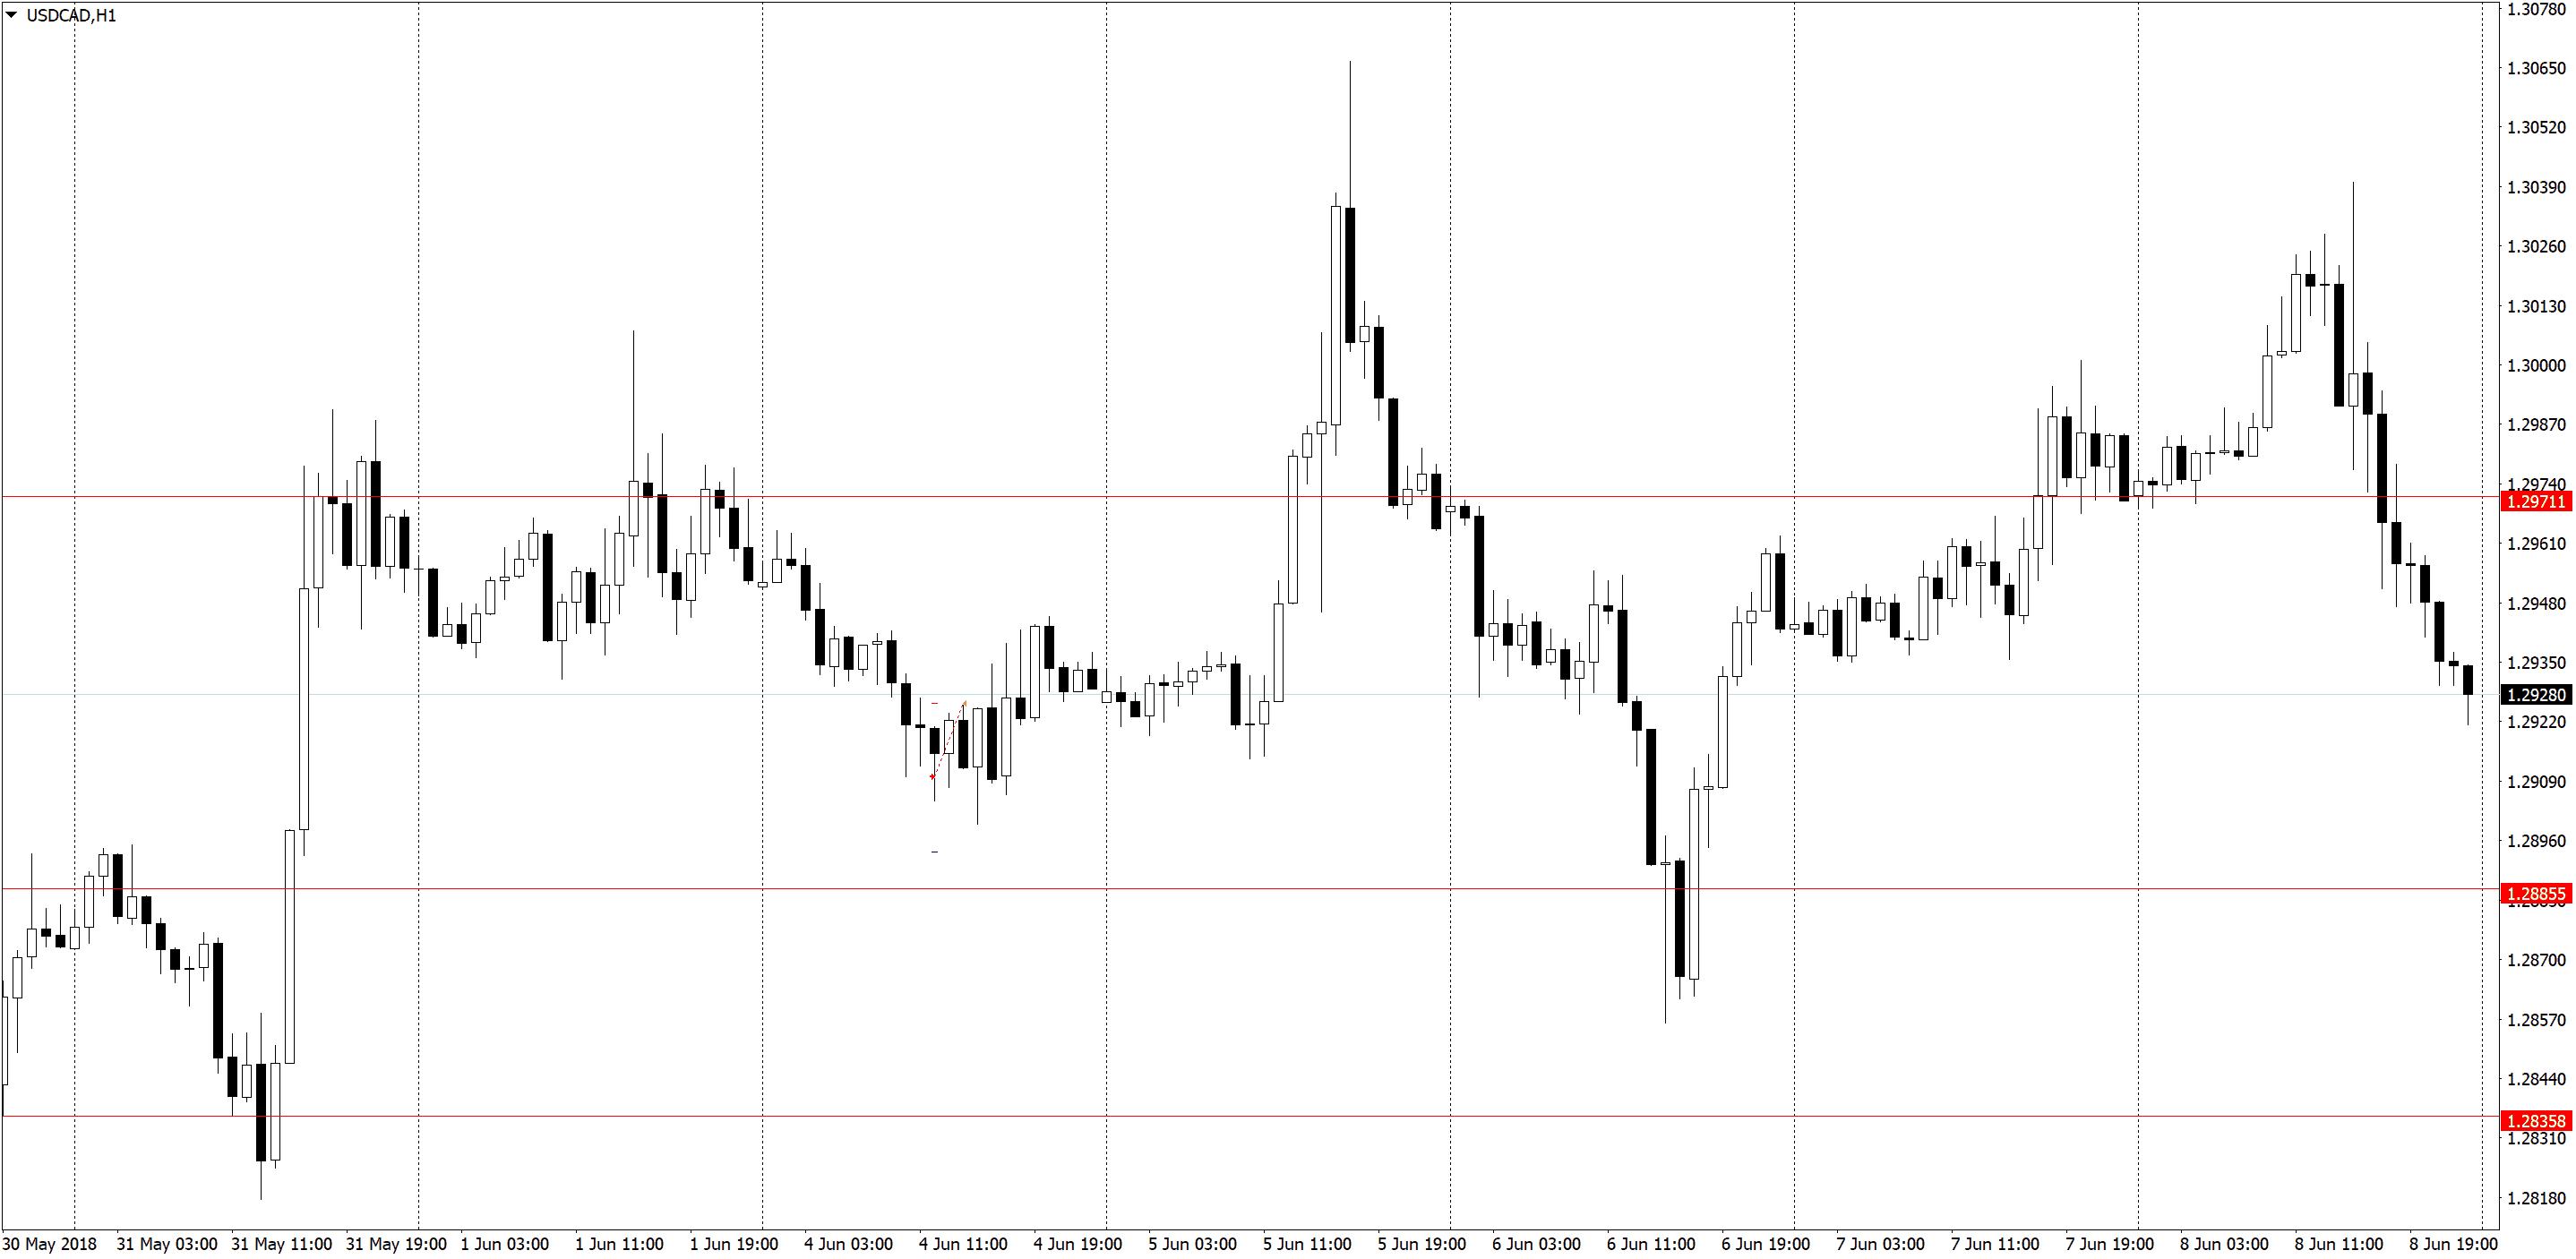 USDCADH1 1 Торговля по H1, трейдинг в удовольствие, три состояния рынка